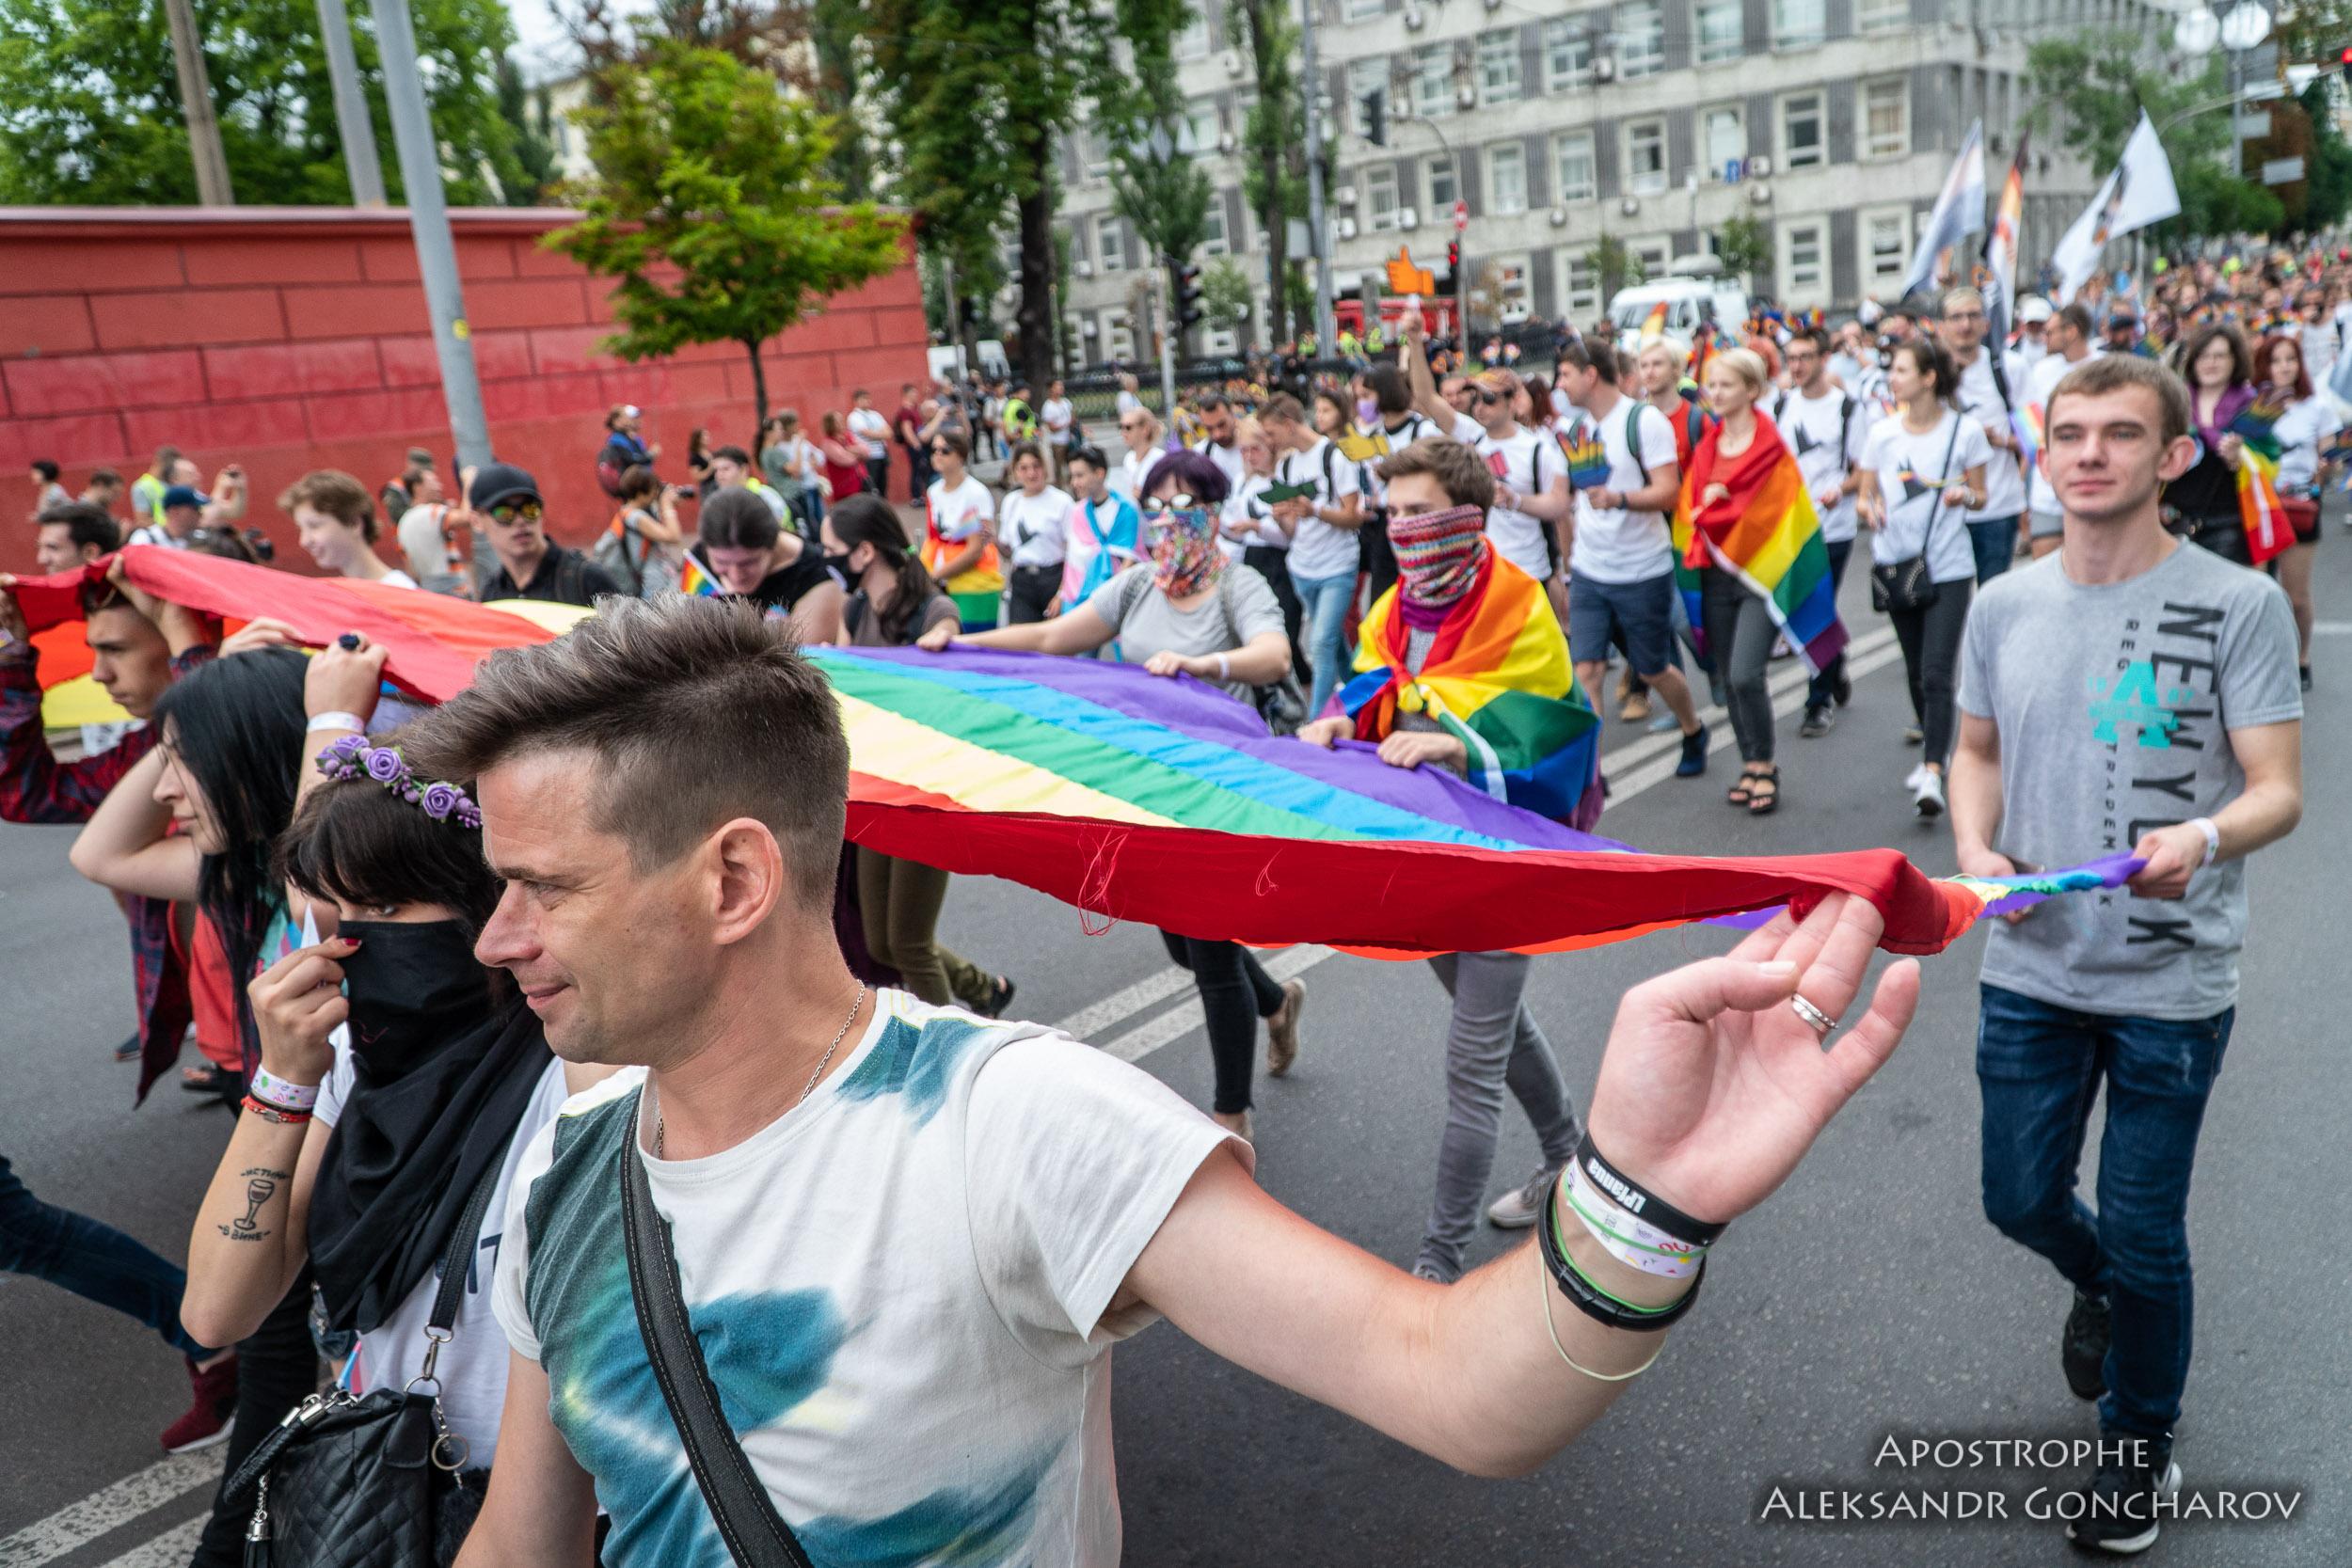 На Марше равенства были беспрецедентные меры безопасности